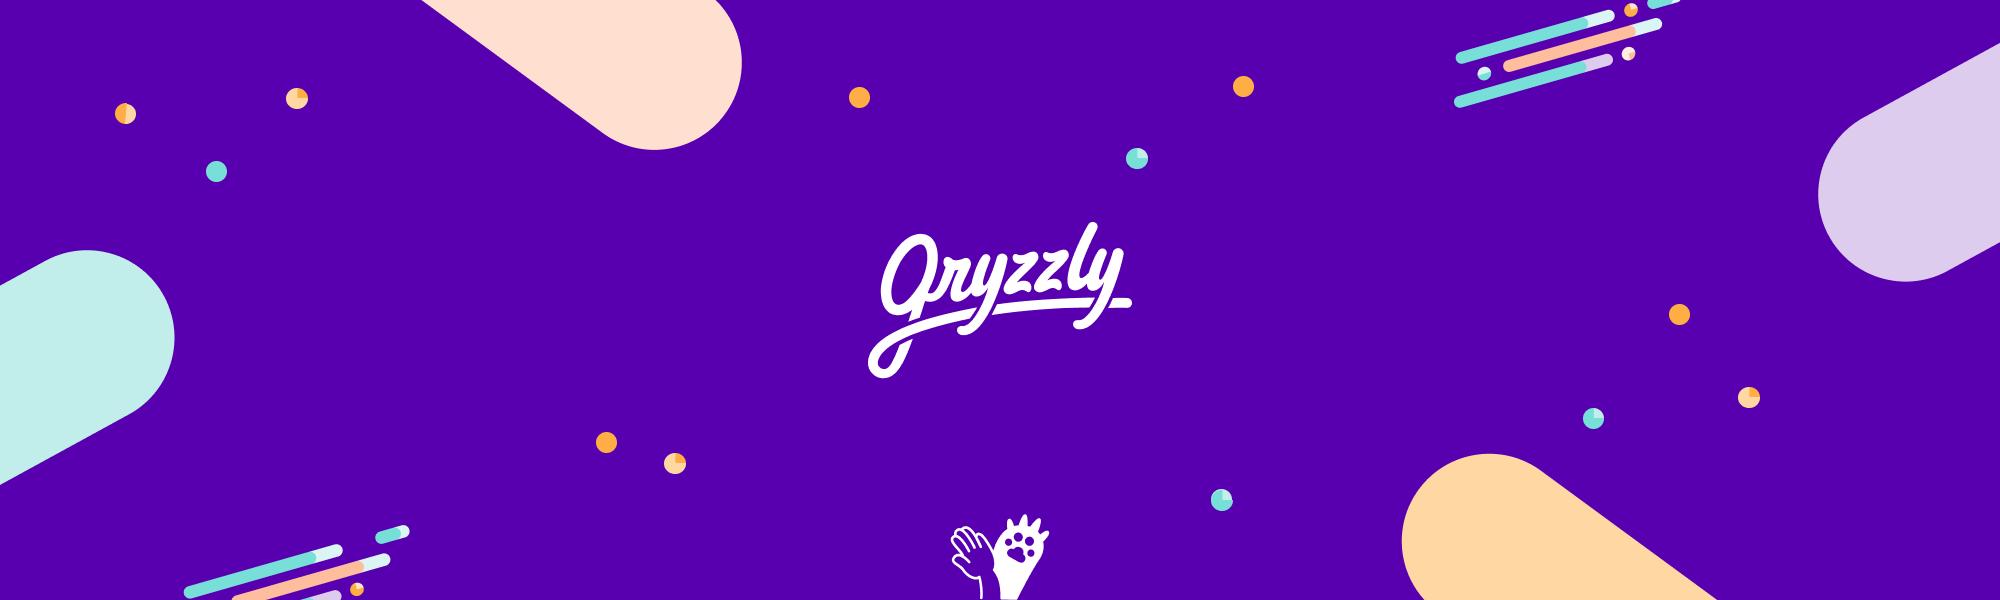 Avis Gryzzly : Le chatbot de suivi des temps et des projets sur Slack - Appvizer